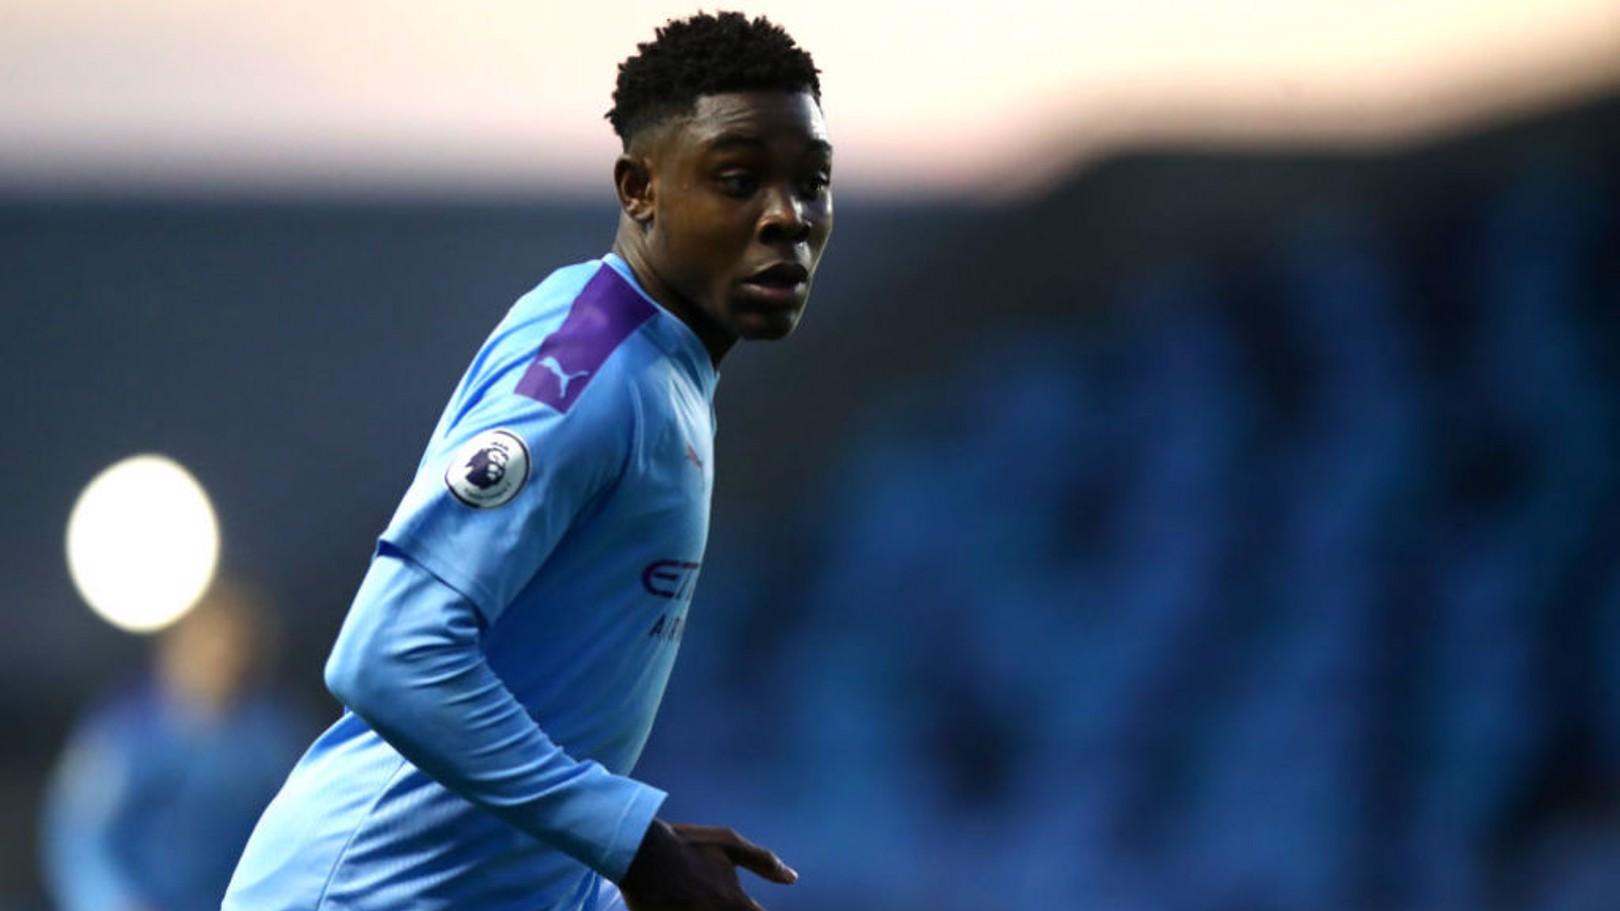 UP FOR THE CUP: City's U21s are in the hat for the Leasing.com Round of 32